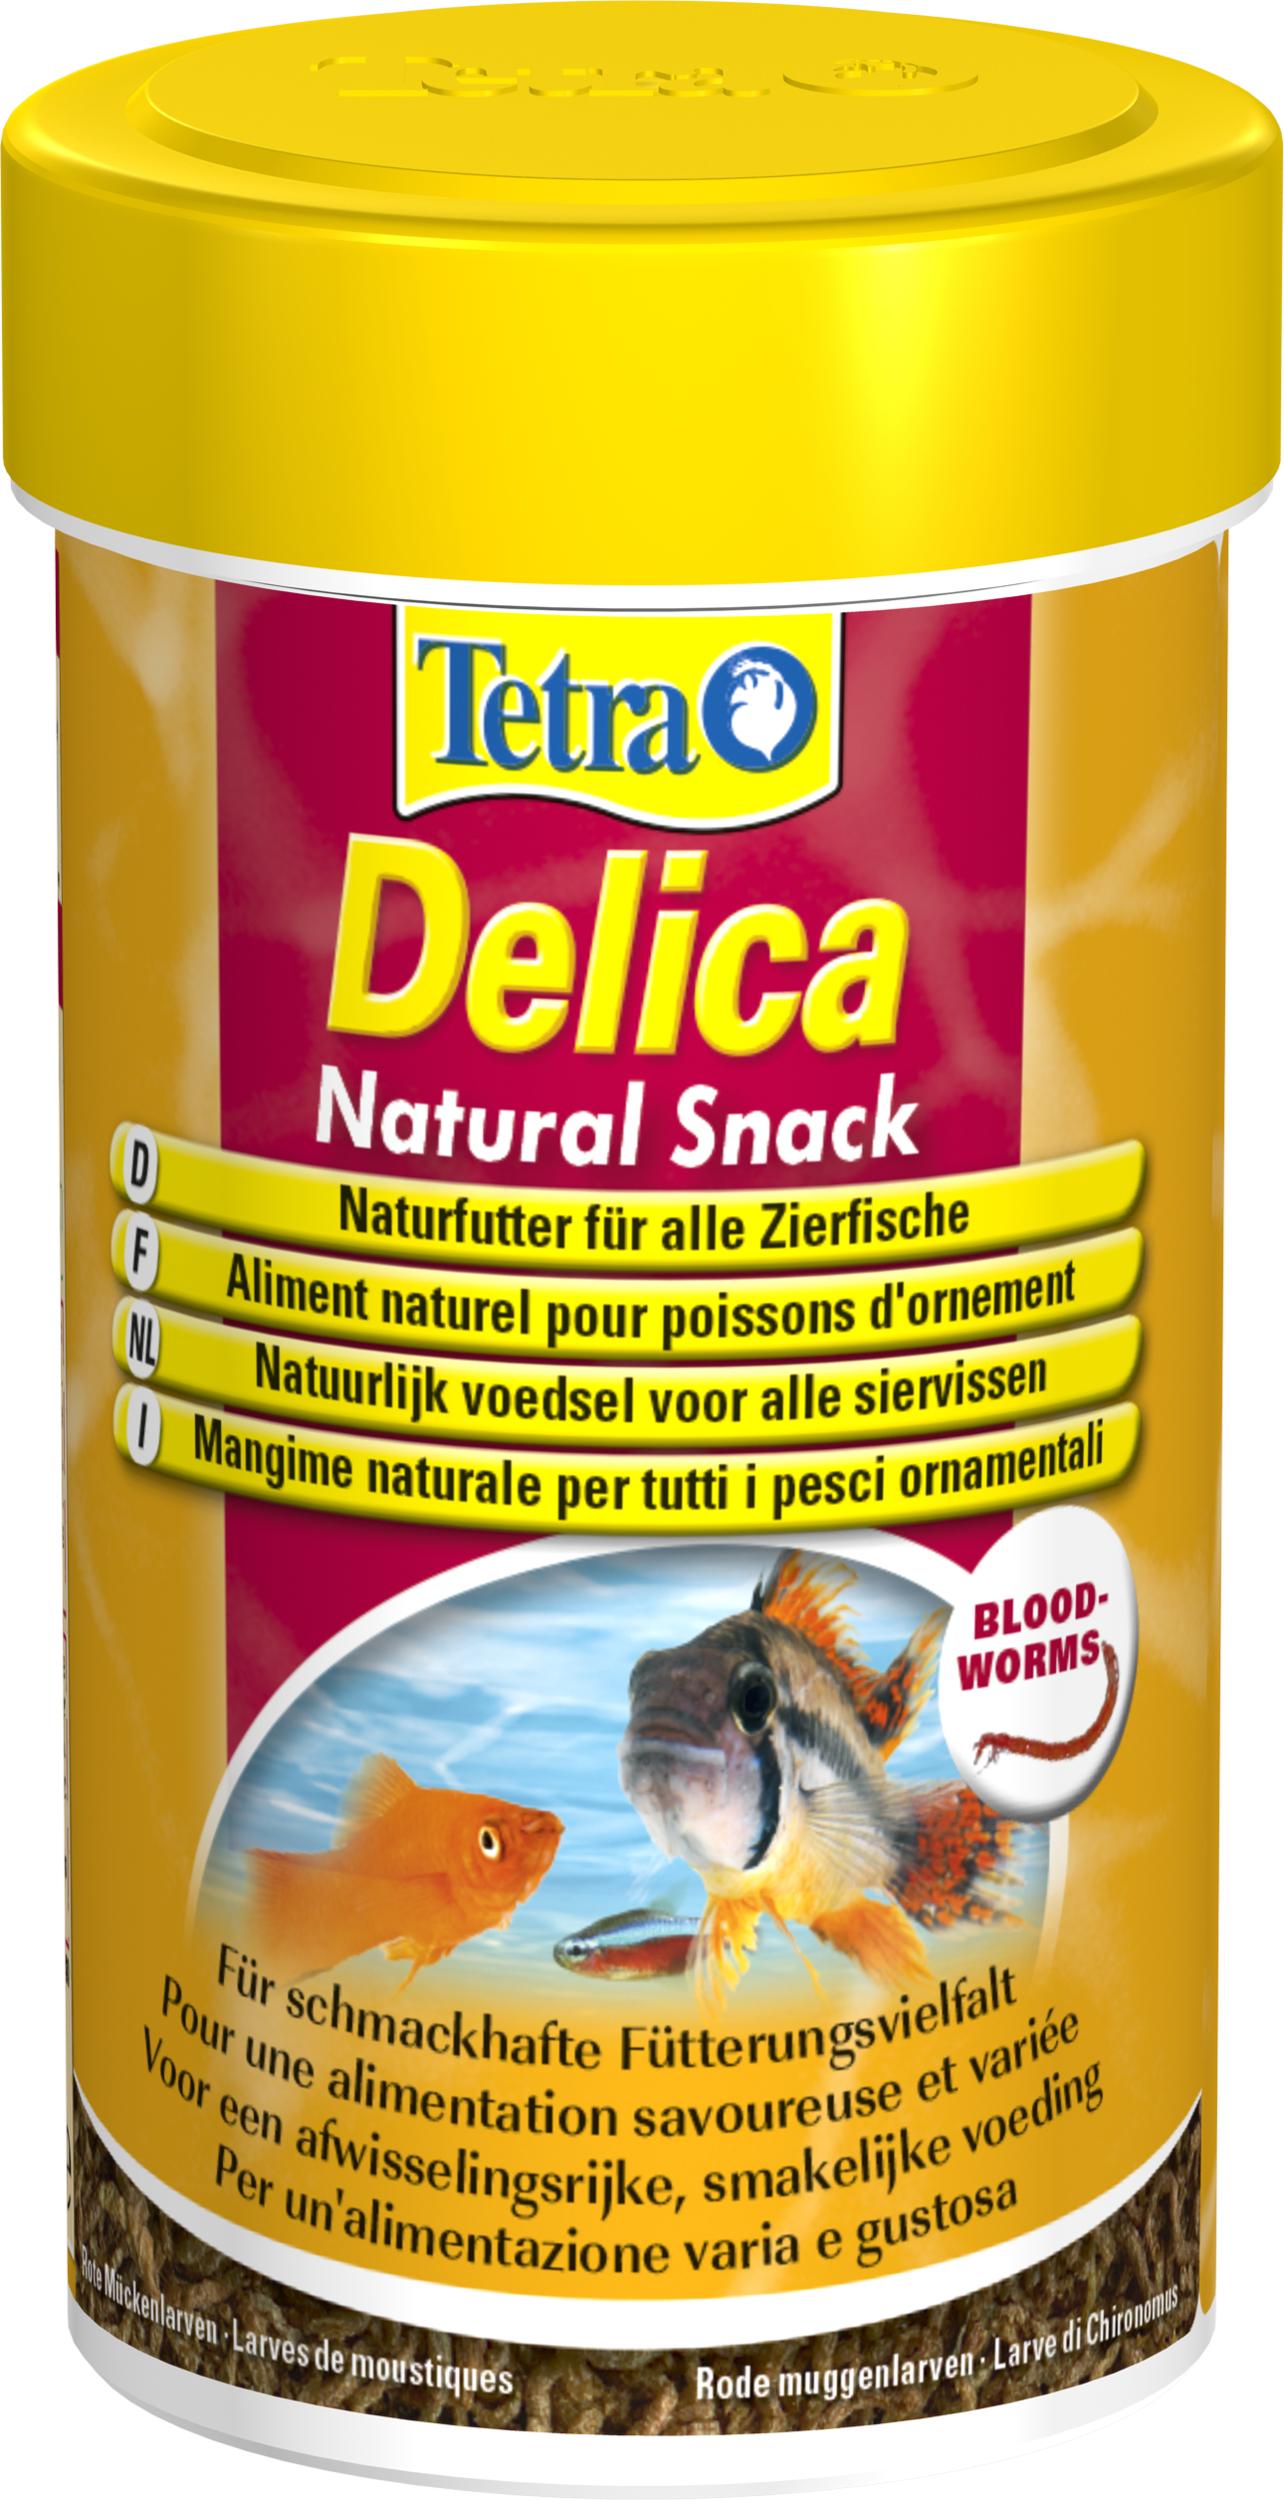 TETRA Delica Natural Snack Bloodworms 100 ml est une délicieuse friandise contenant 100% de larves de moustiques rouges lyophilisées